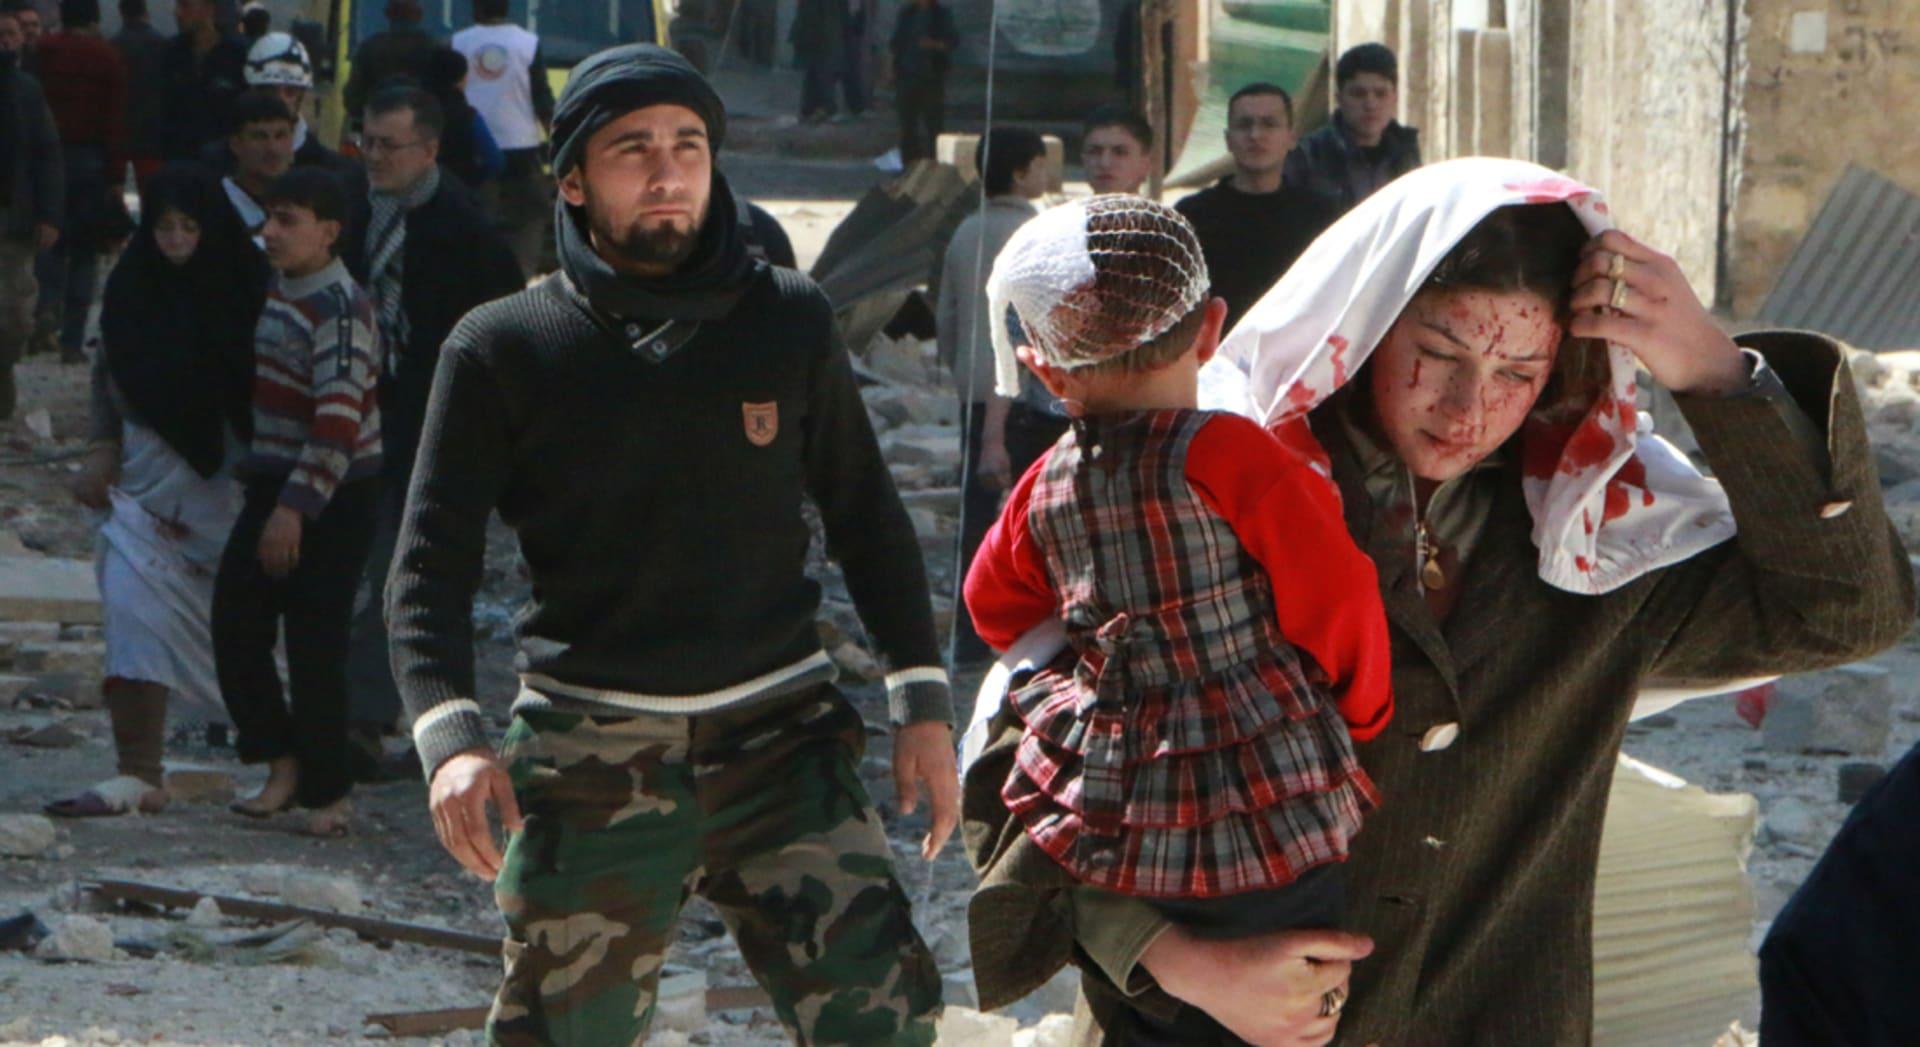 المعارضة تحاول الوصول إلى البحر بمعاقل الأسد ودمشق تهاجم تركيا